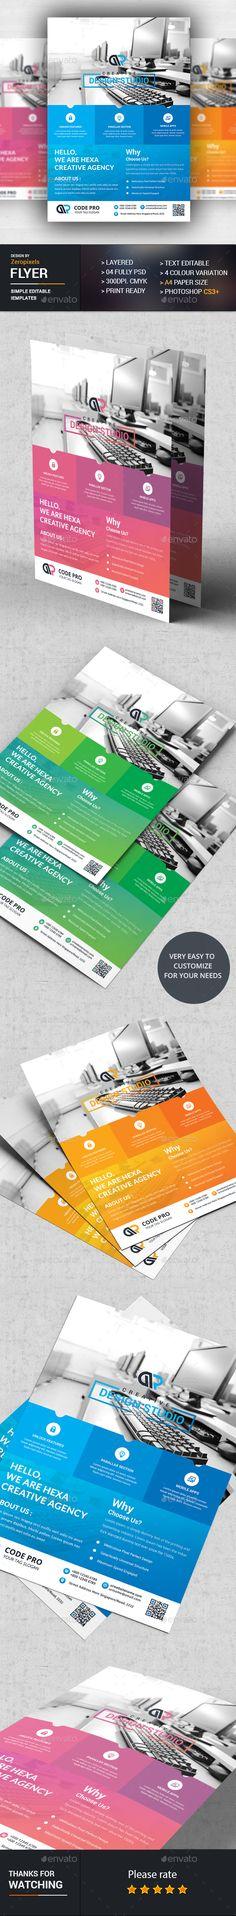 Blue Hexagon Technology Annual Report Brochure Flyer Design